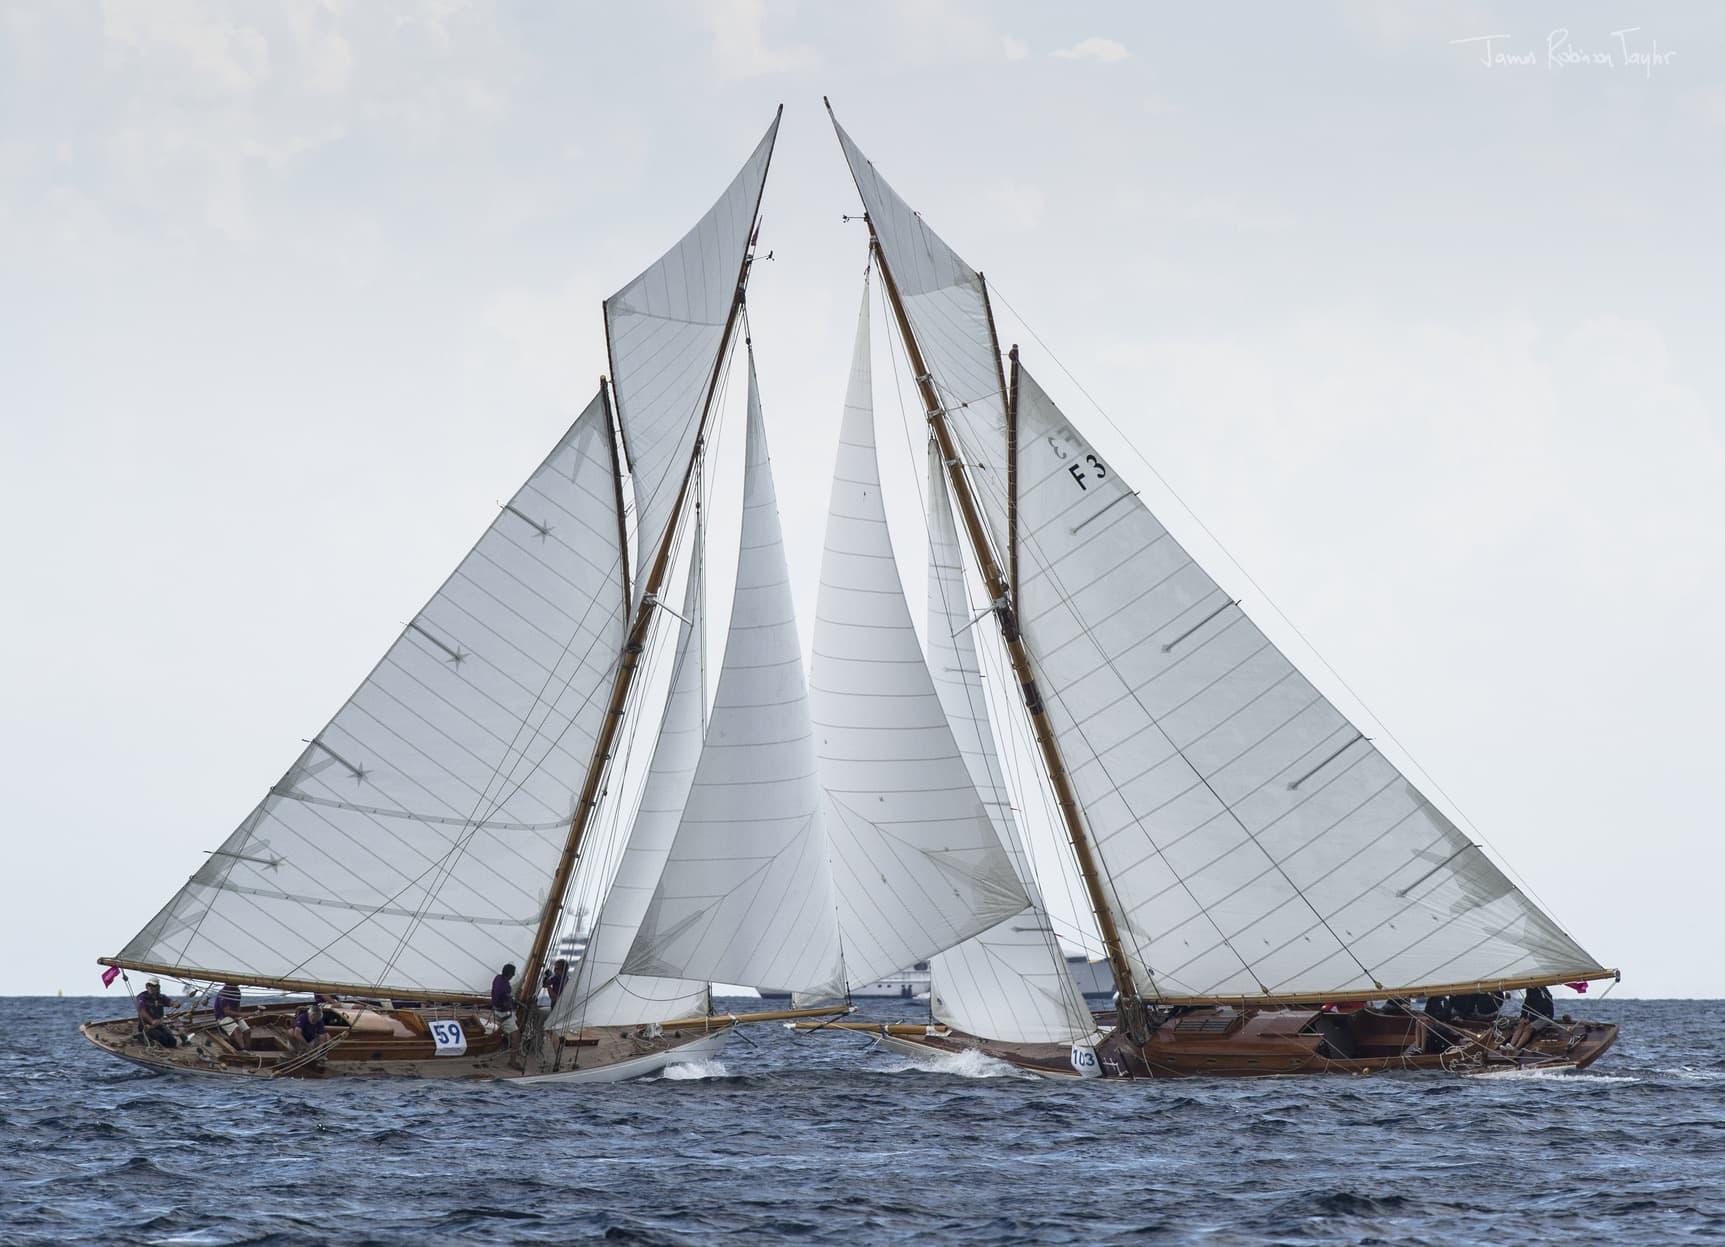 Luca Larenza è partner ufficiale dell'equipaggio della vela d'epoca Marga